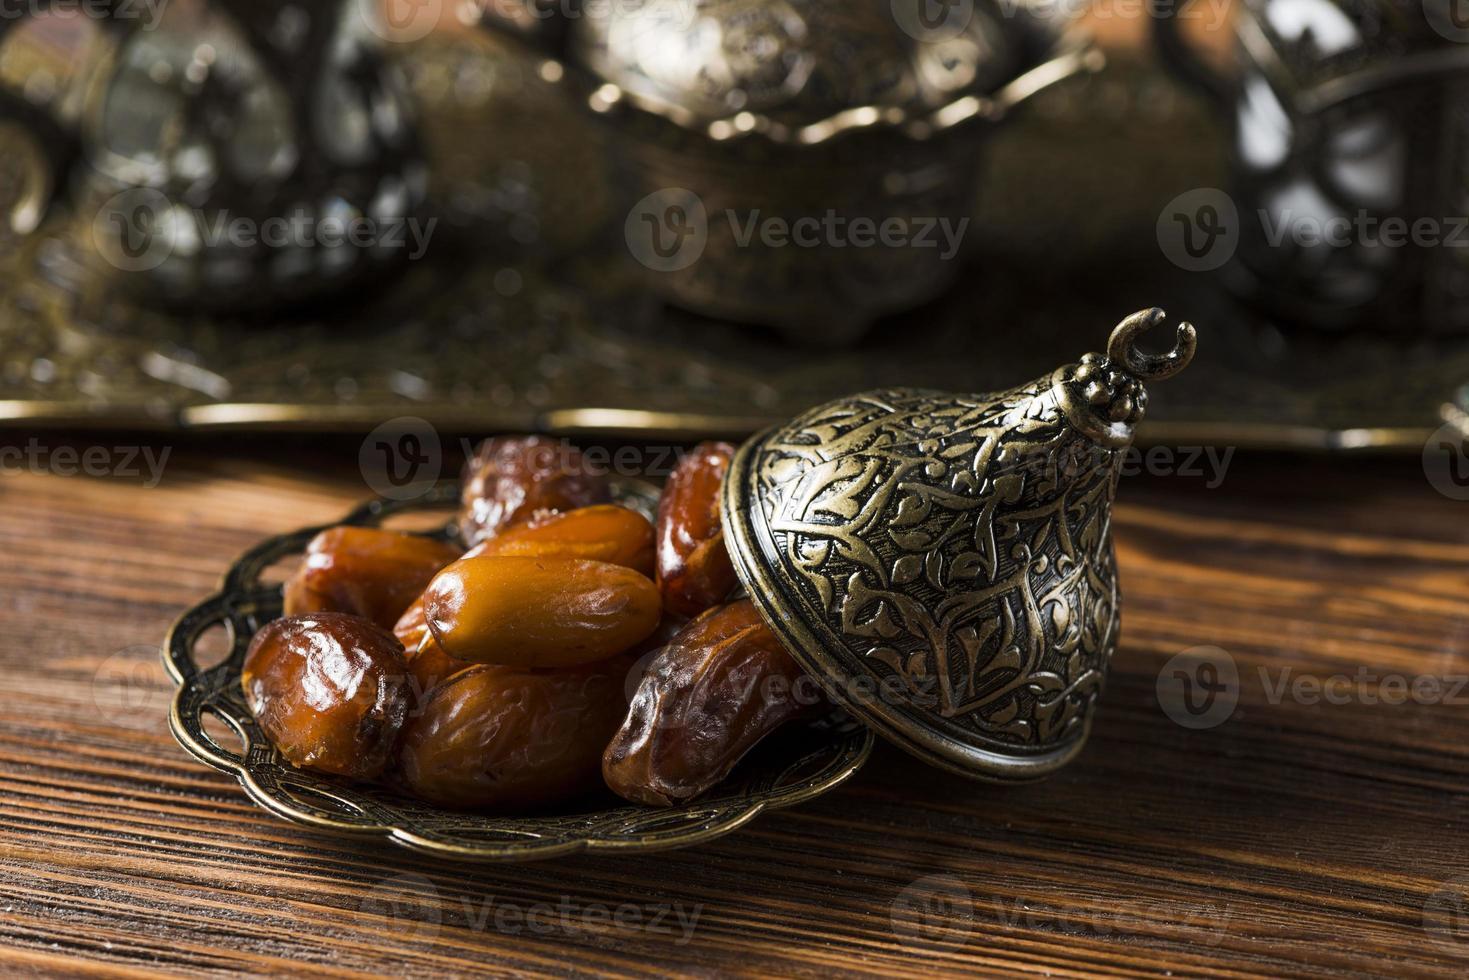 composizione alimentare araba del ramadan con le date foto